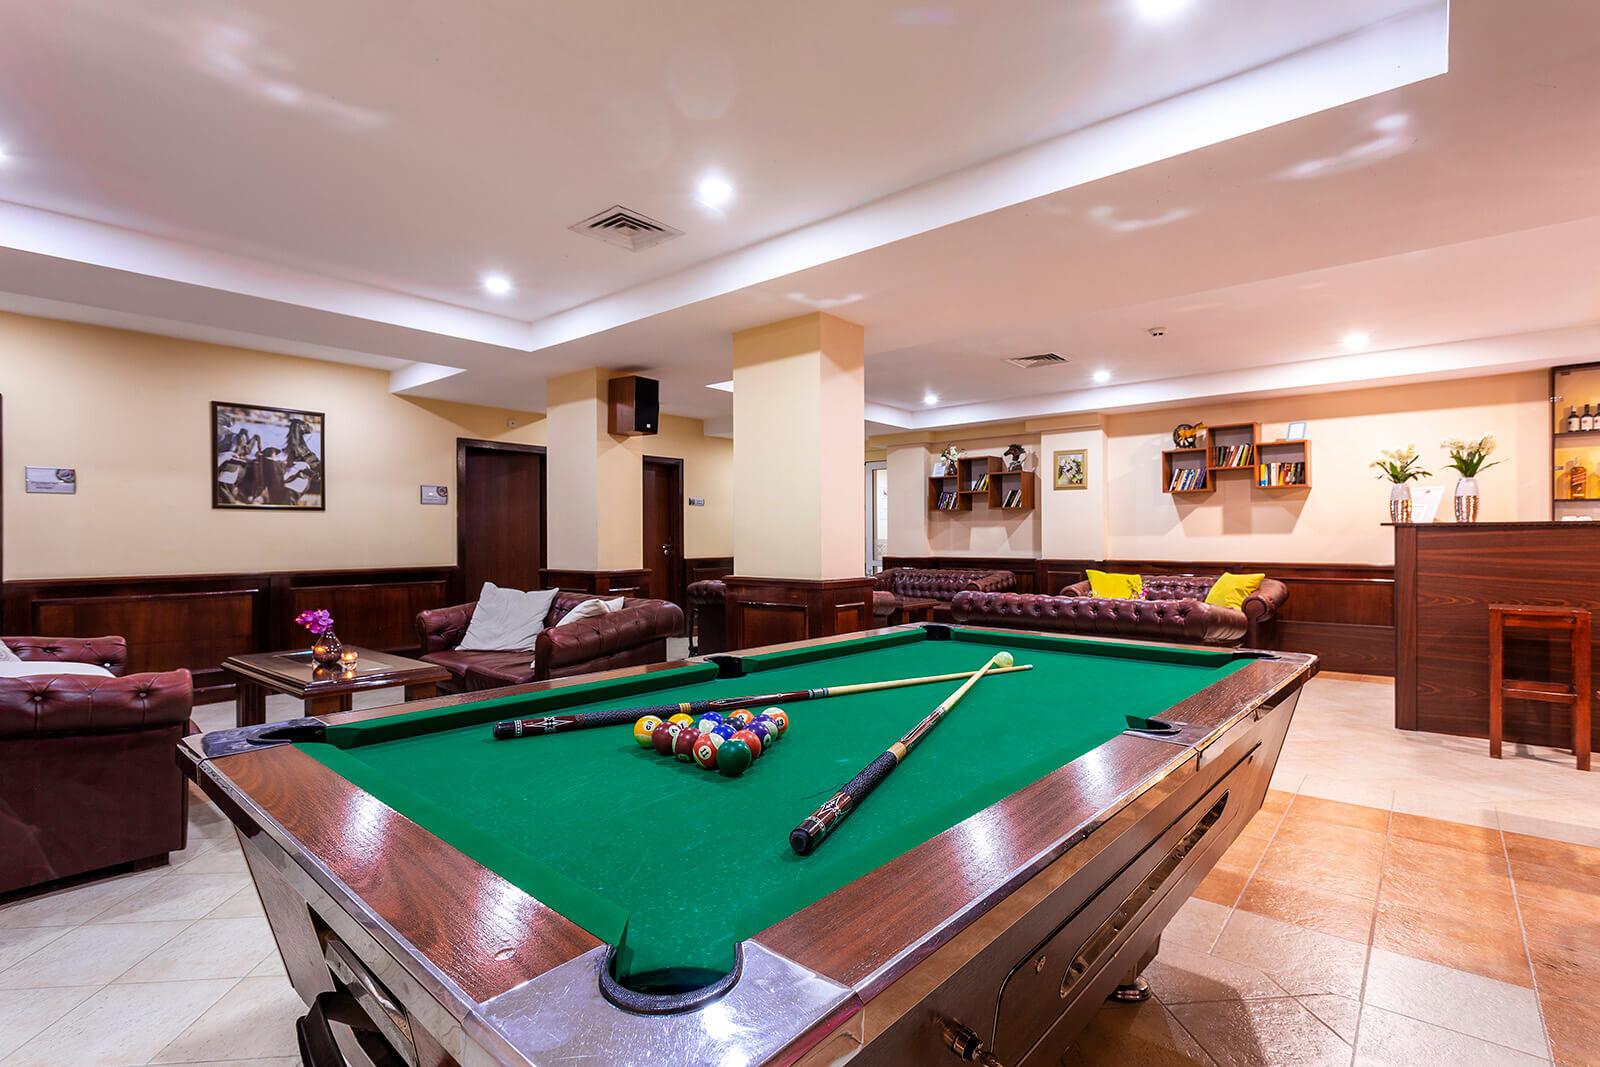 Спа хотел Аспа Вила 3* - билярд